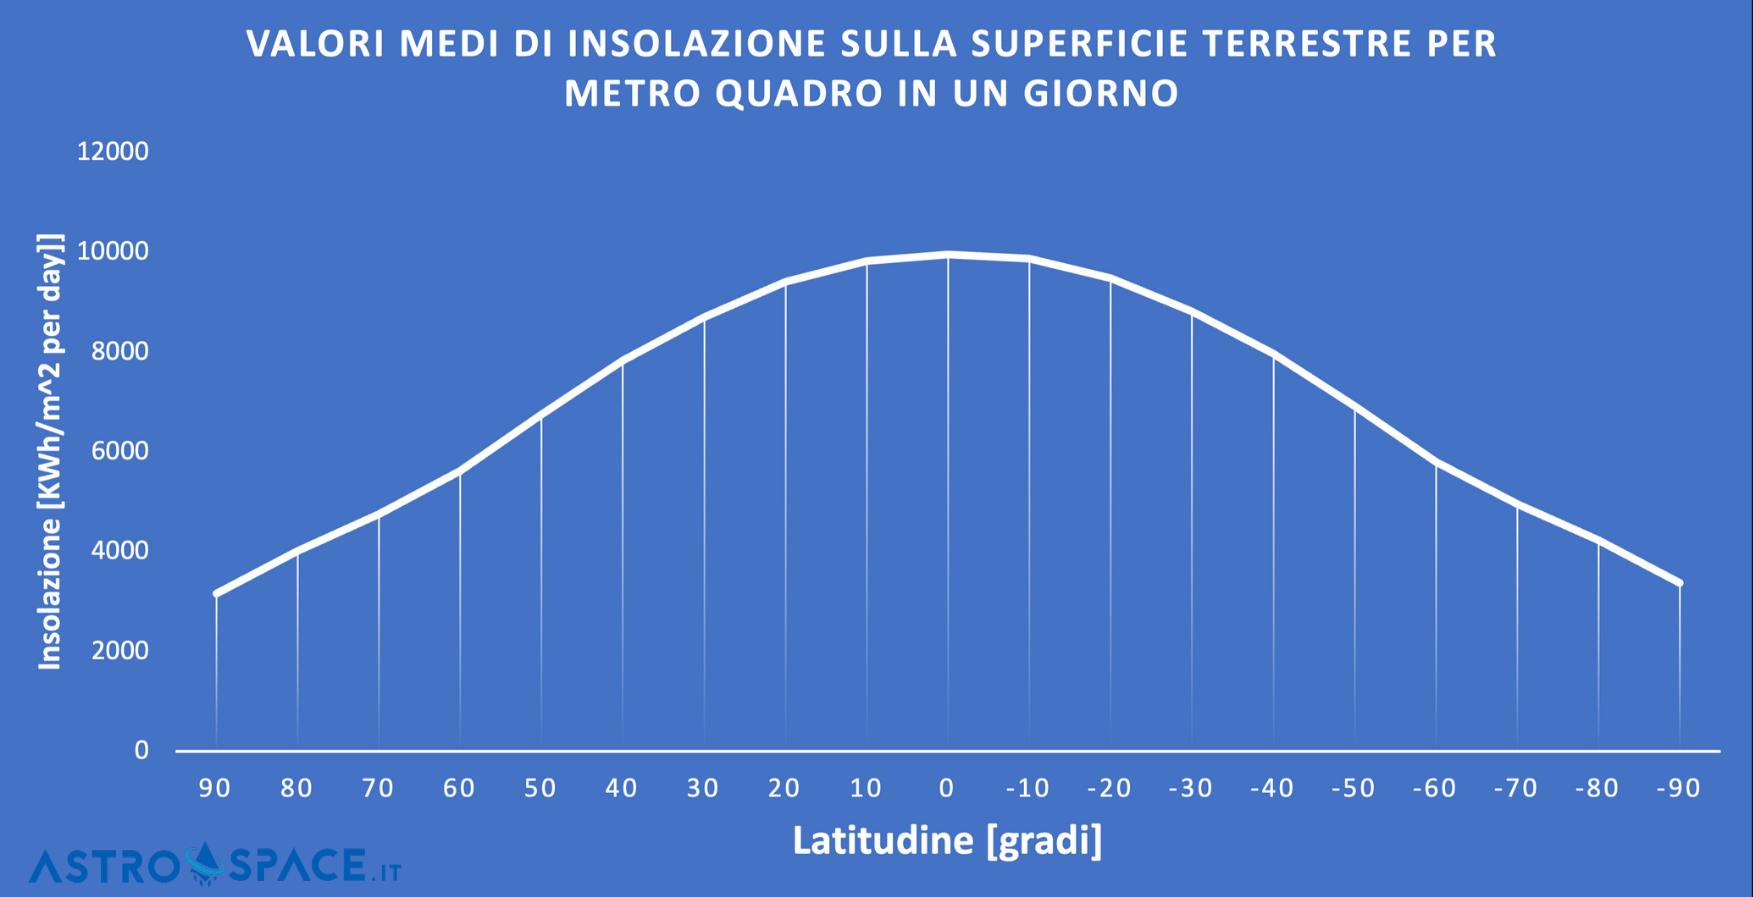 Insolazione media per latitudine sulla superficie terrestre. L'andamento è significativo. Si nota come l'insolazione totale per metro quadro diminuisce in base alla latitudine. L'andamento è simile a quello sulla Luna (con valori diversi). Dati EU Science Hub. Credits: Astrospace.it